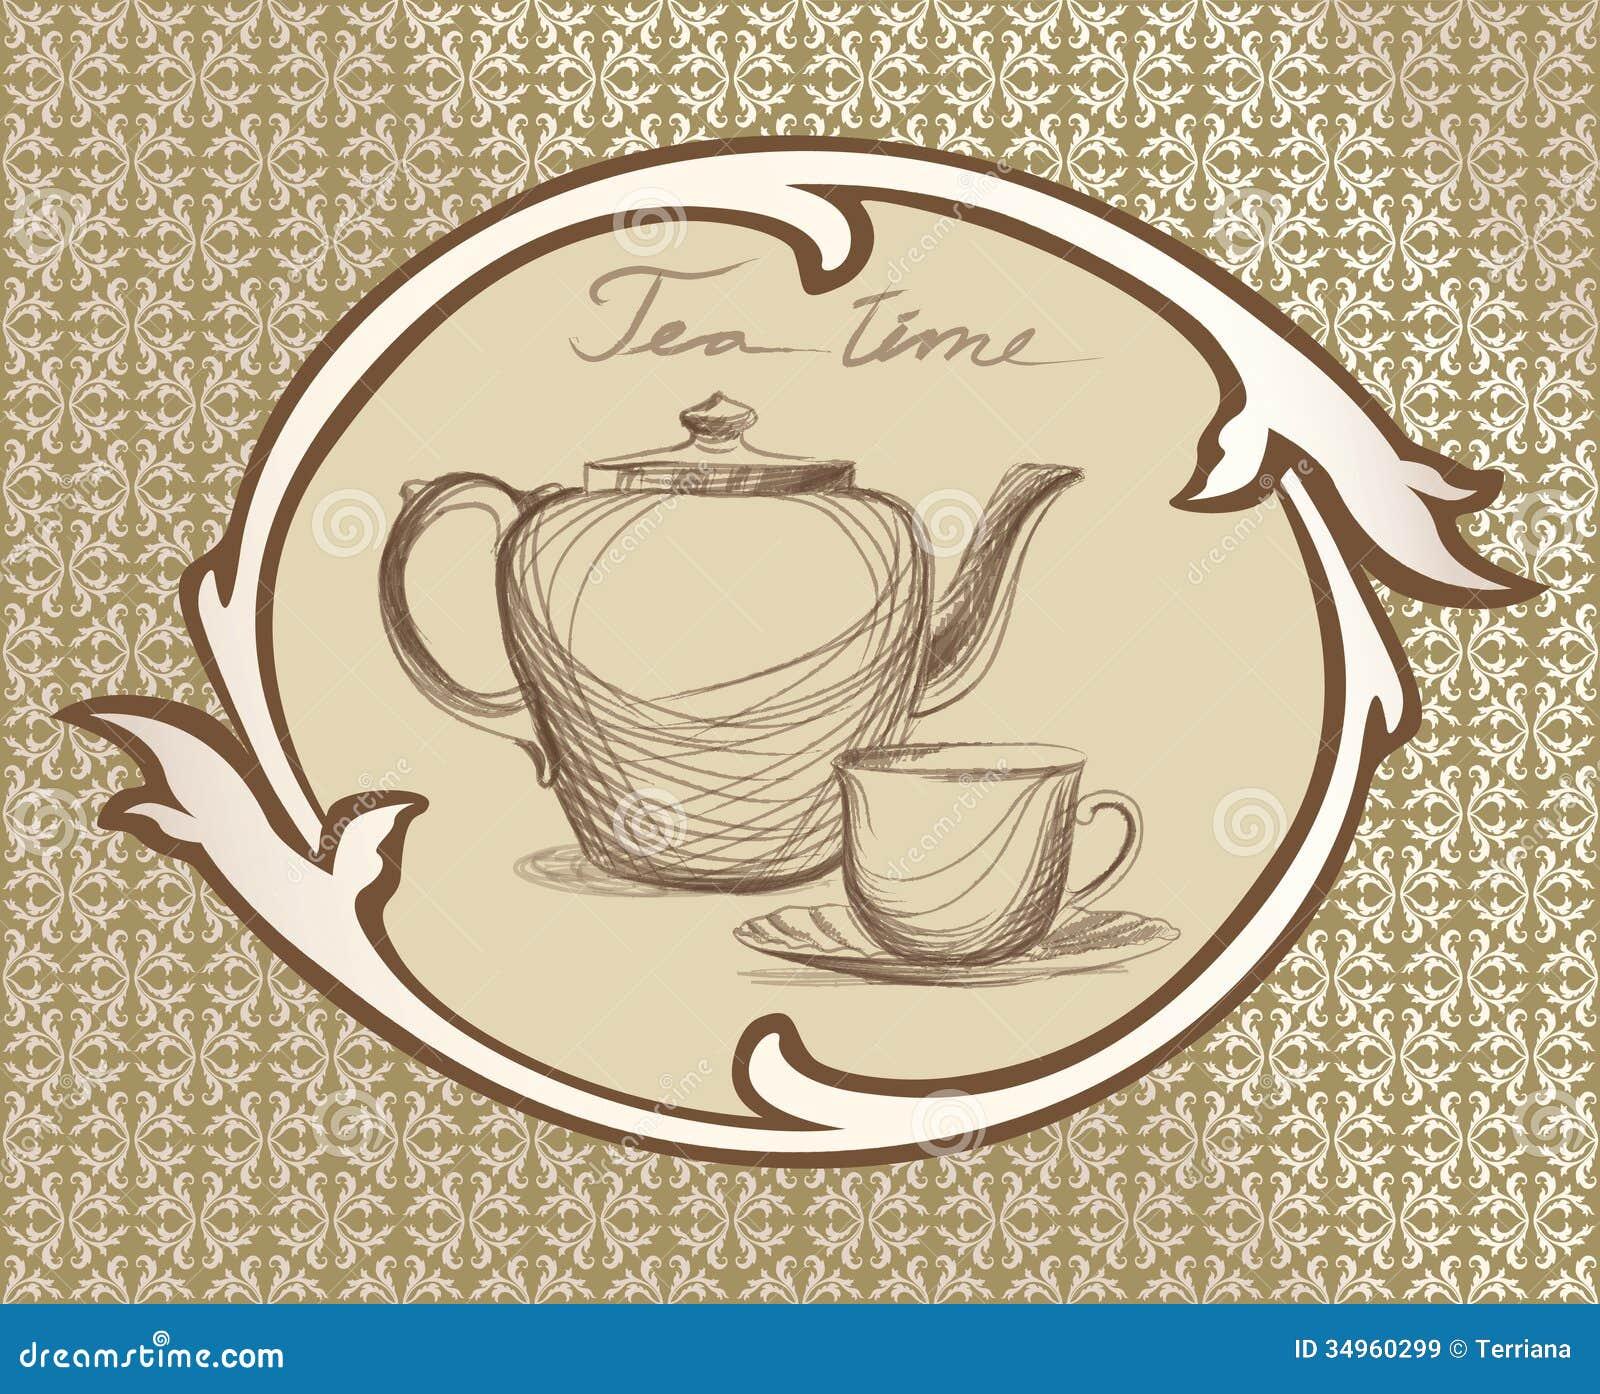 tea time vintage label stock illustration image of party 34960299. Black Bedroom Furniture Sets. Home Design Ideas